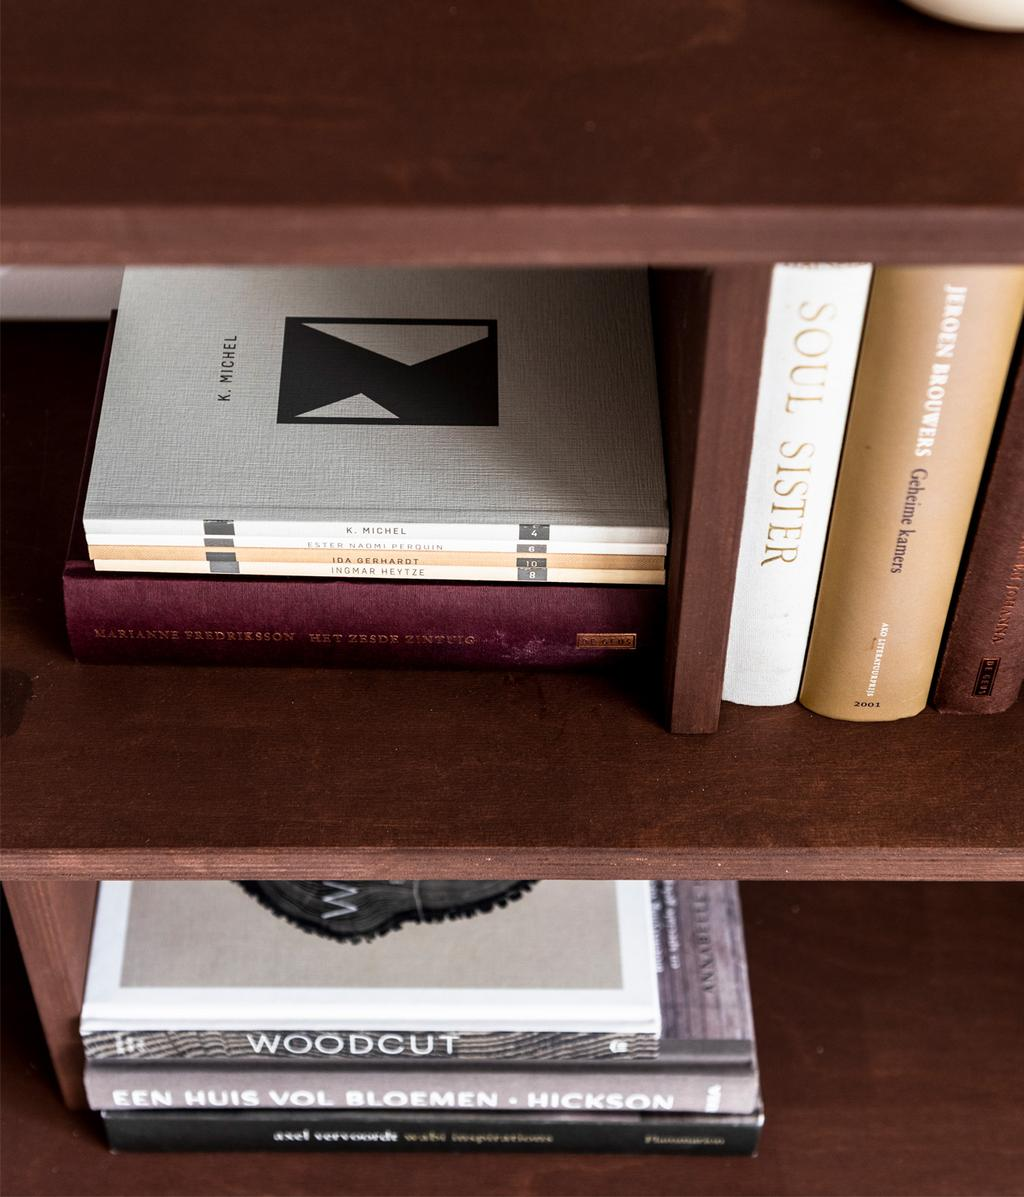 DIY open wandkast | boeken | vtwonen 11-2020